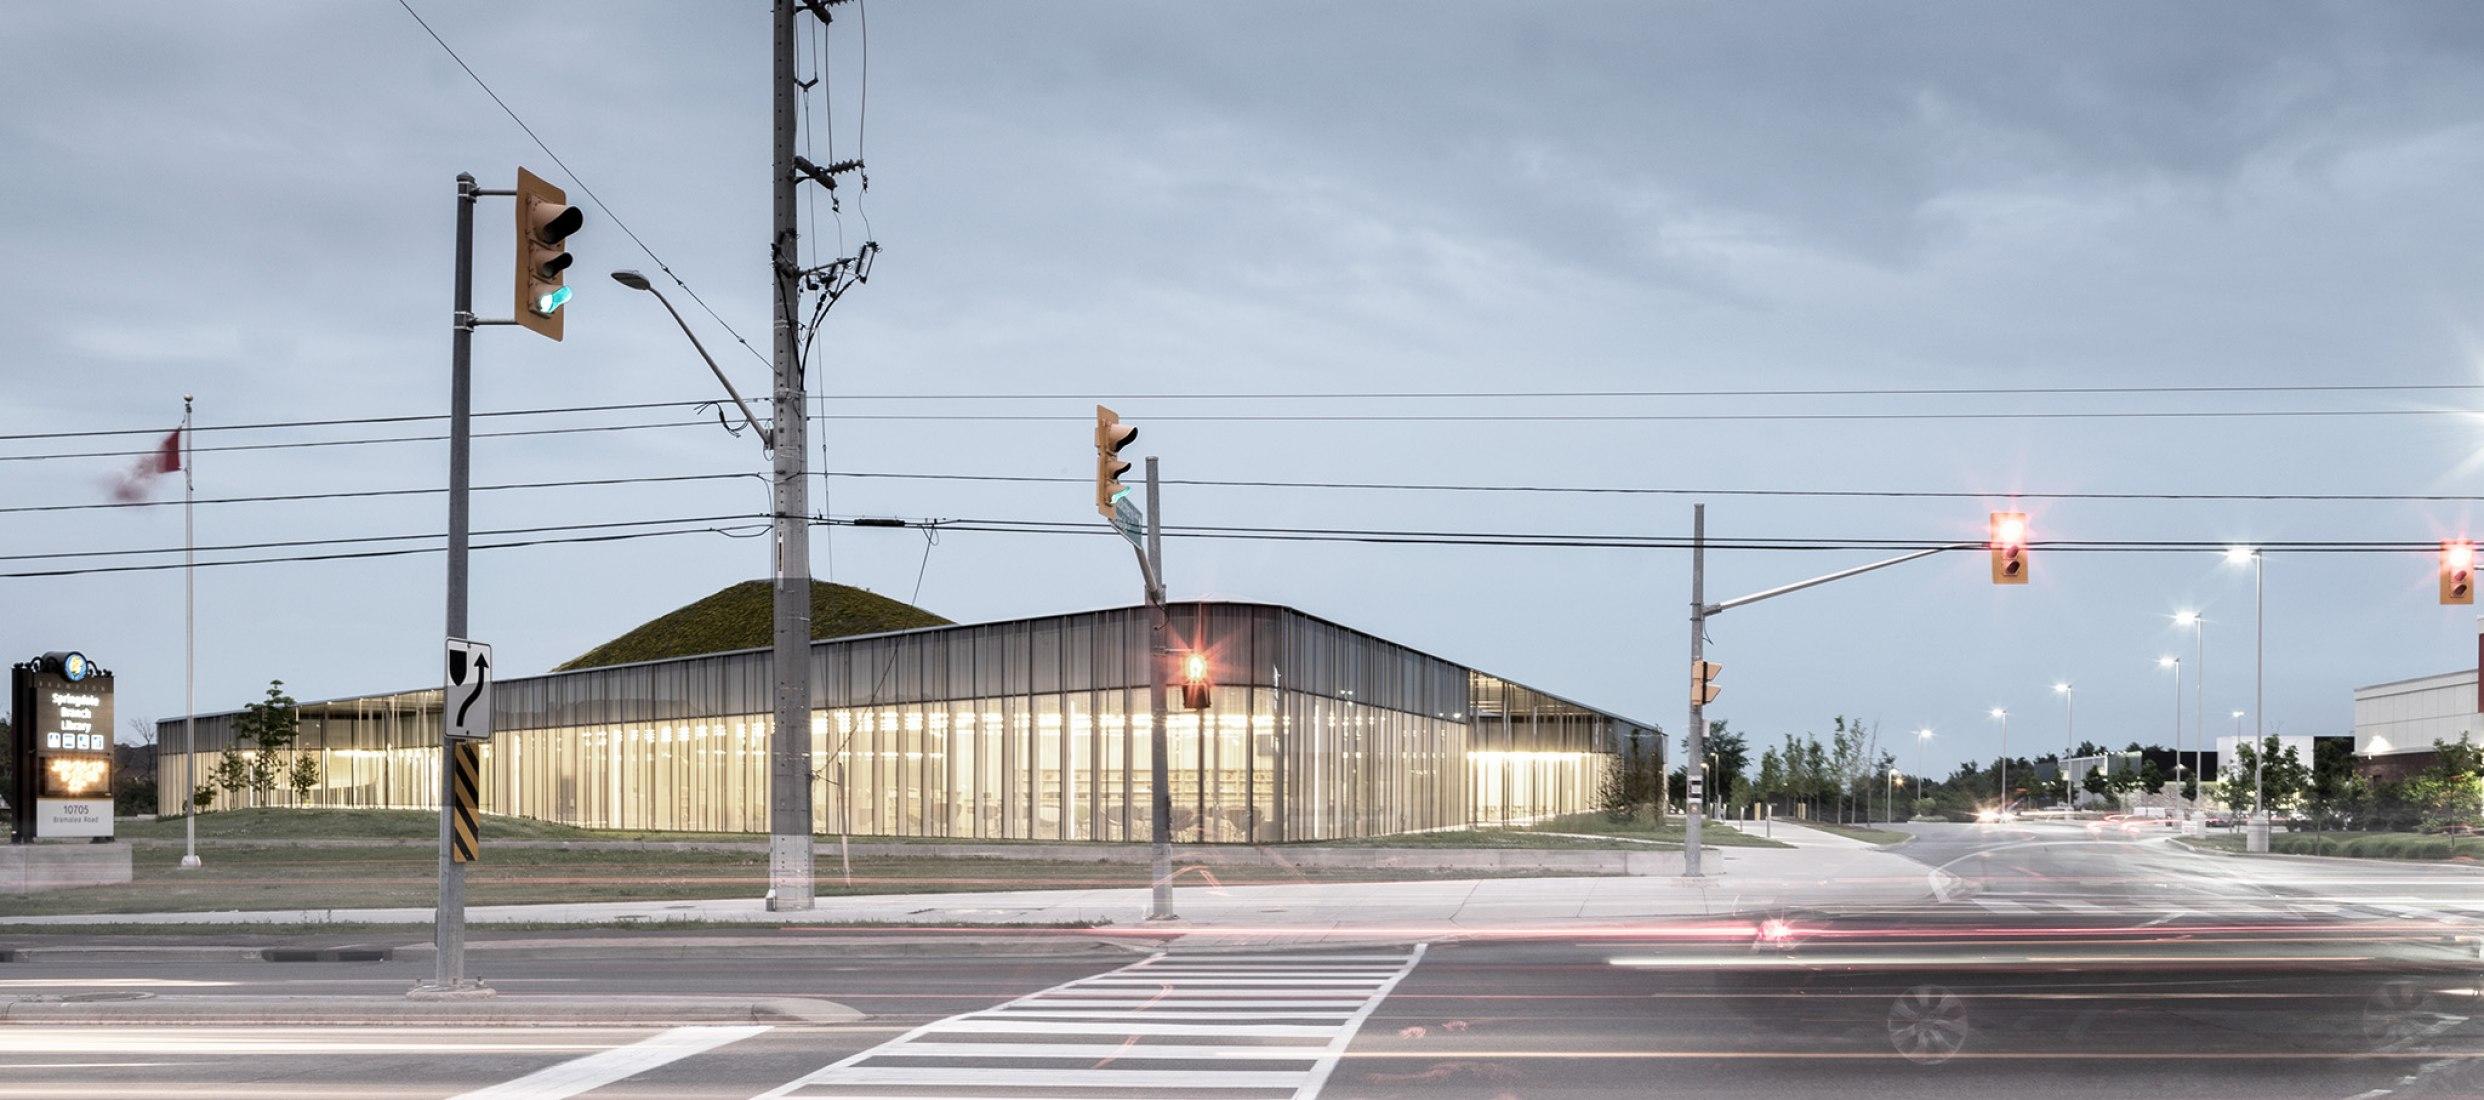 Biblioteca de Springdale y parque Komagata Maru por RDHA. Fotografía por Nic Lehoux